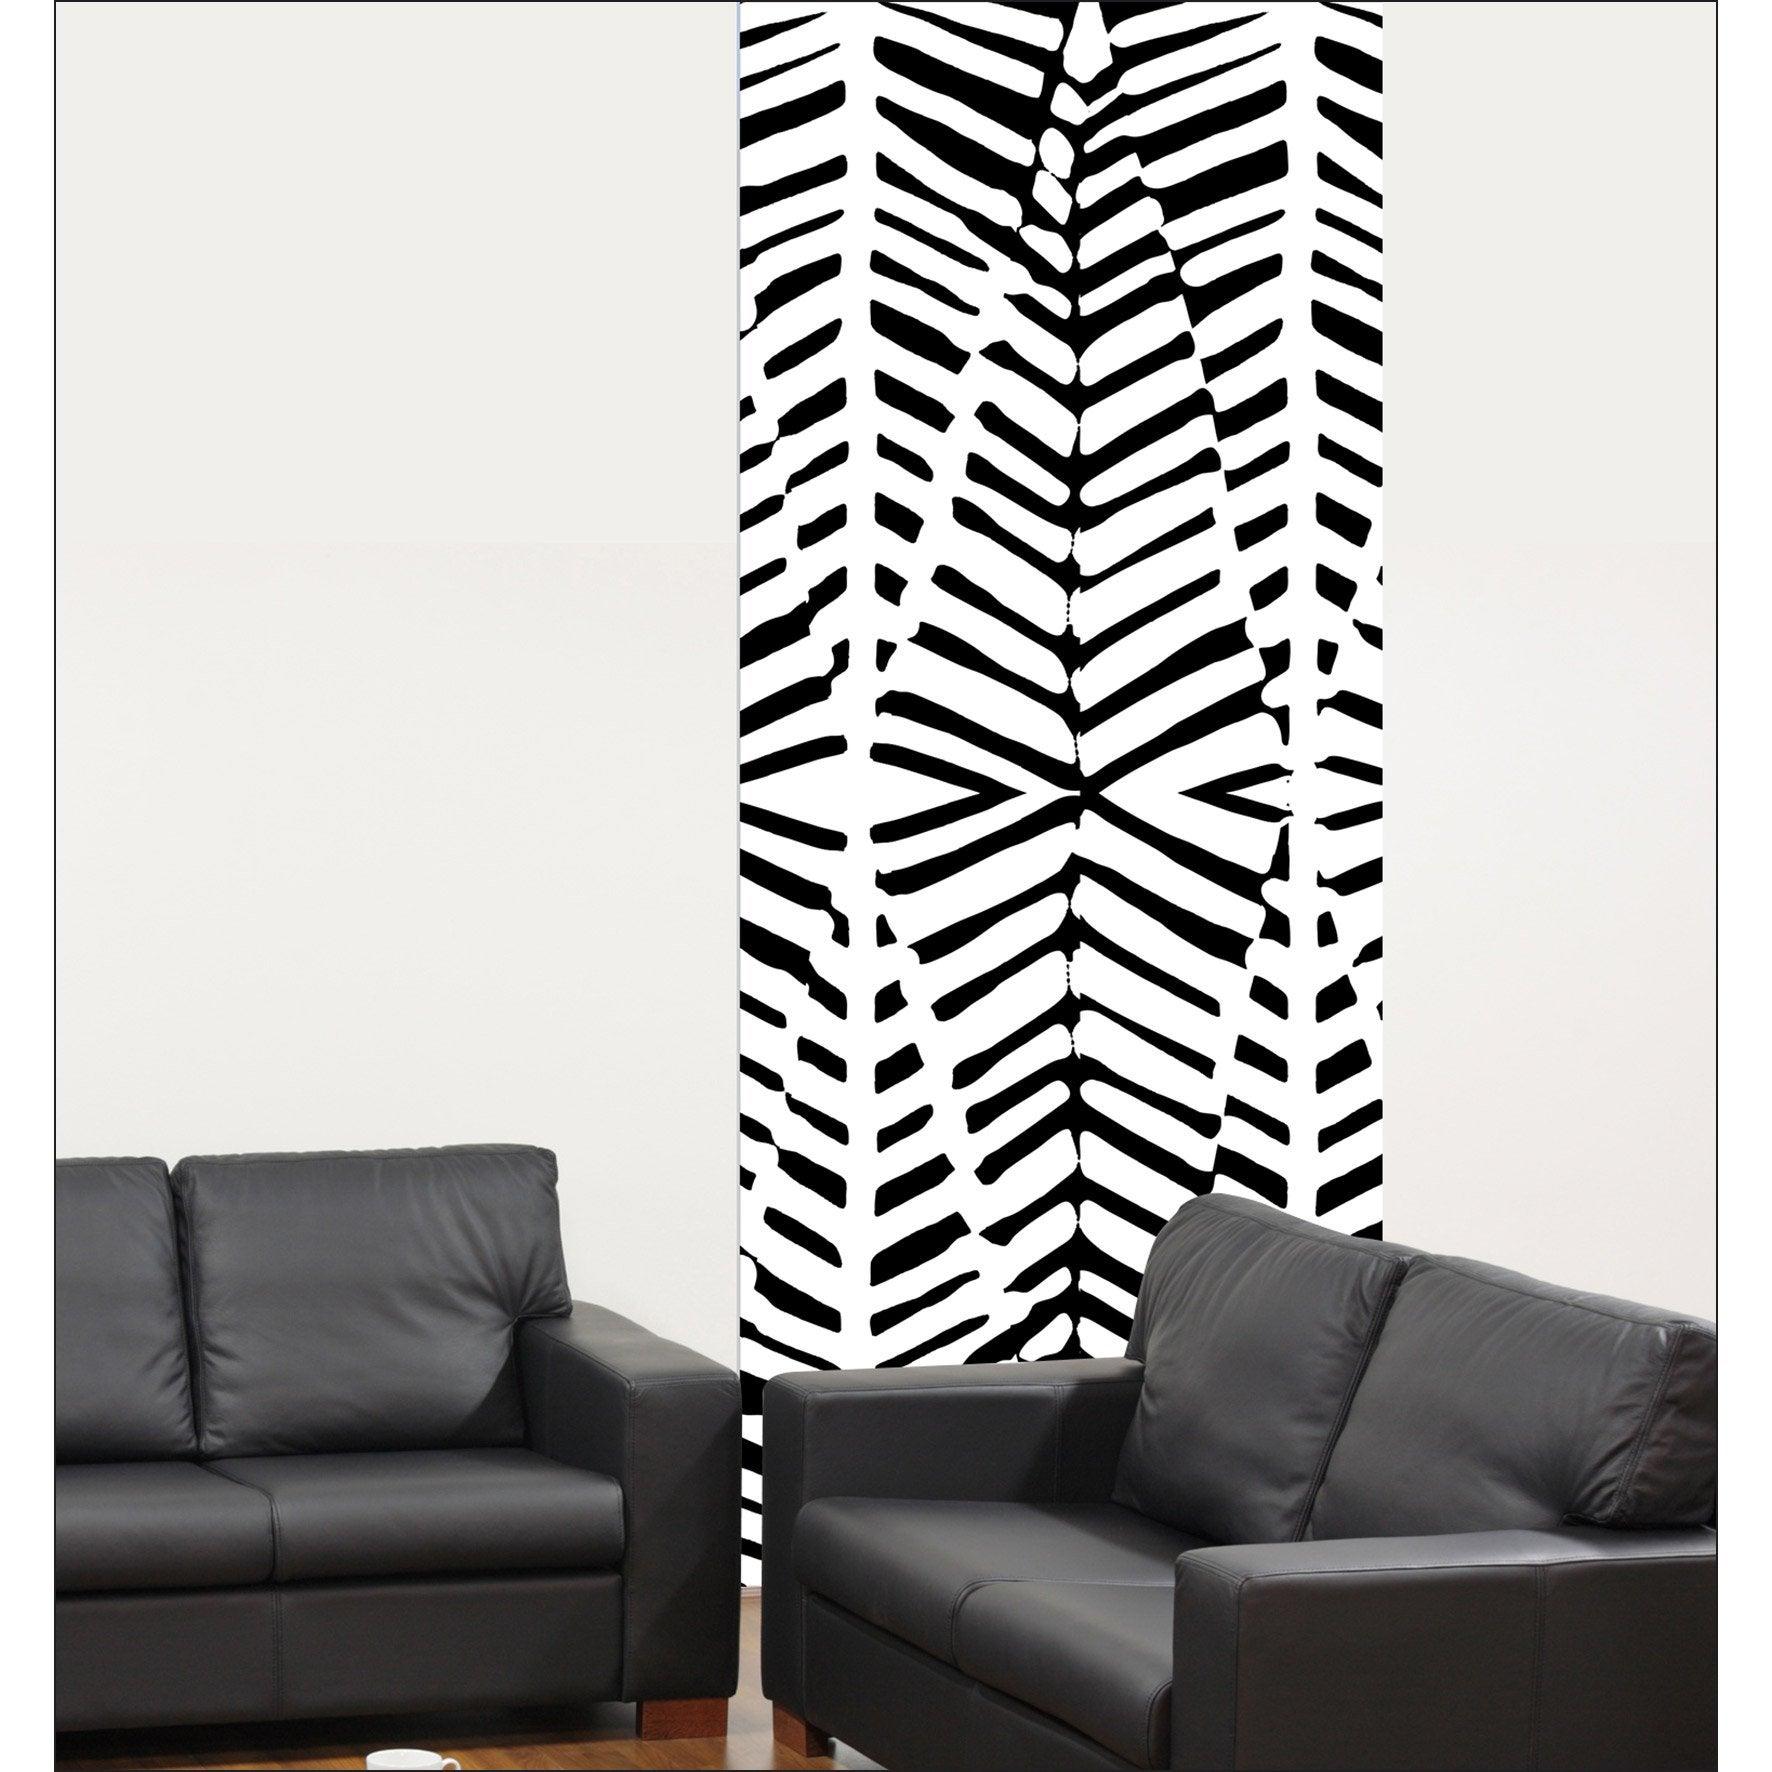 Papier peint intissé Lé unique motif zébrure noir & blanc